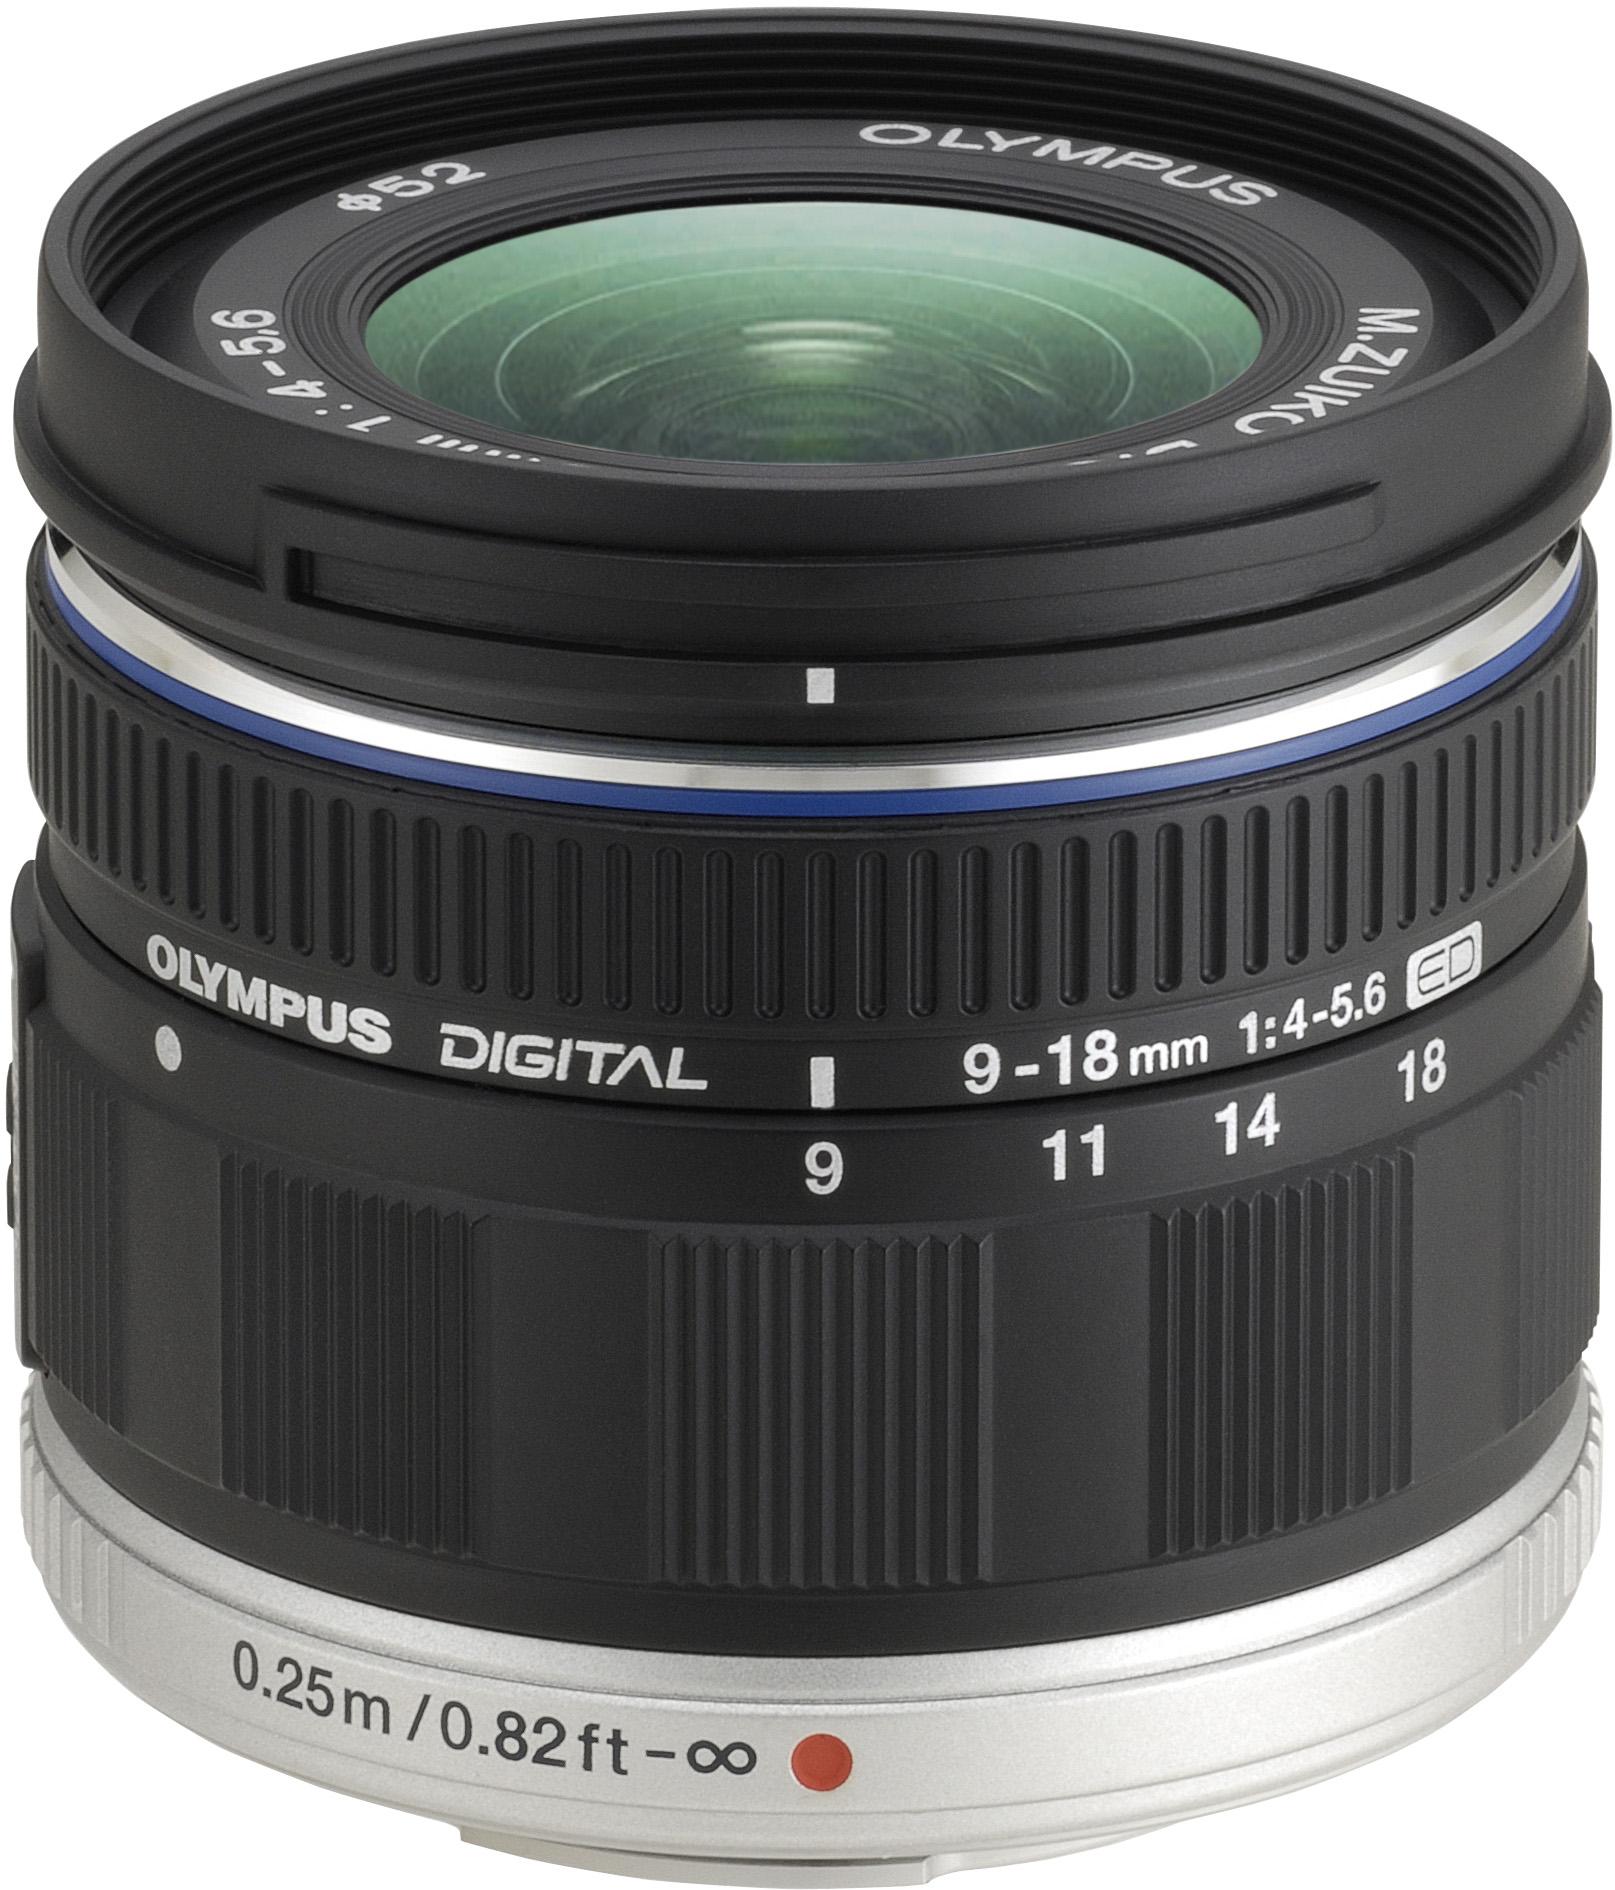 Купить Об'єктив Olympus EZ-M918 ED 9-18mmf/1:4.0-5.6 чорний, N3850192